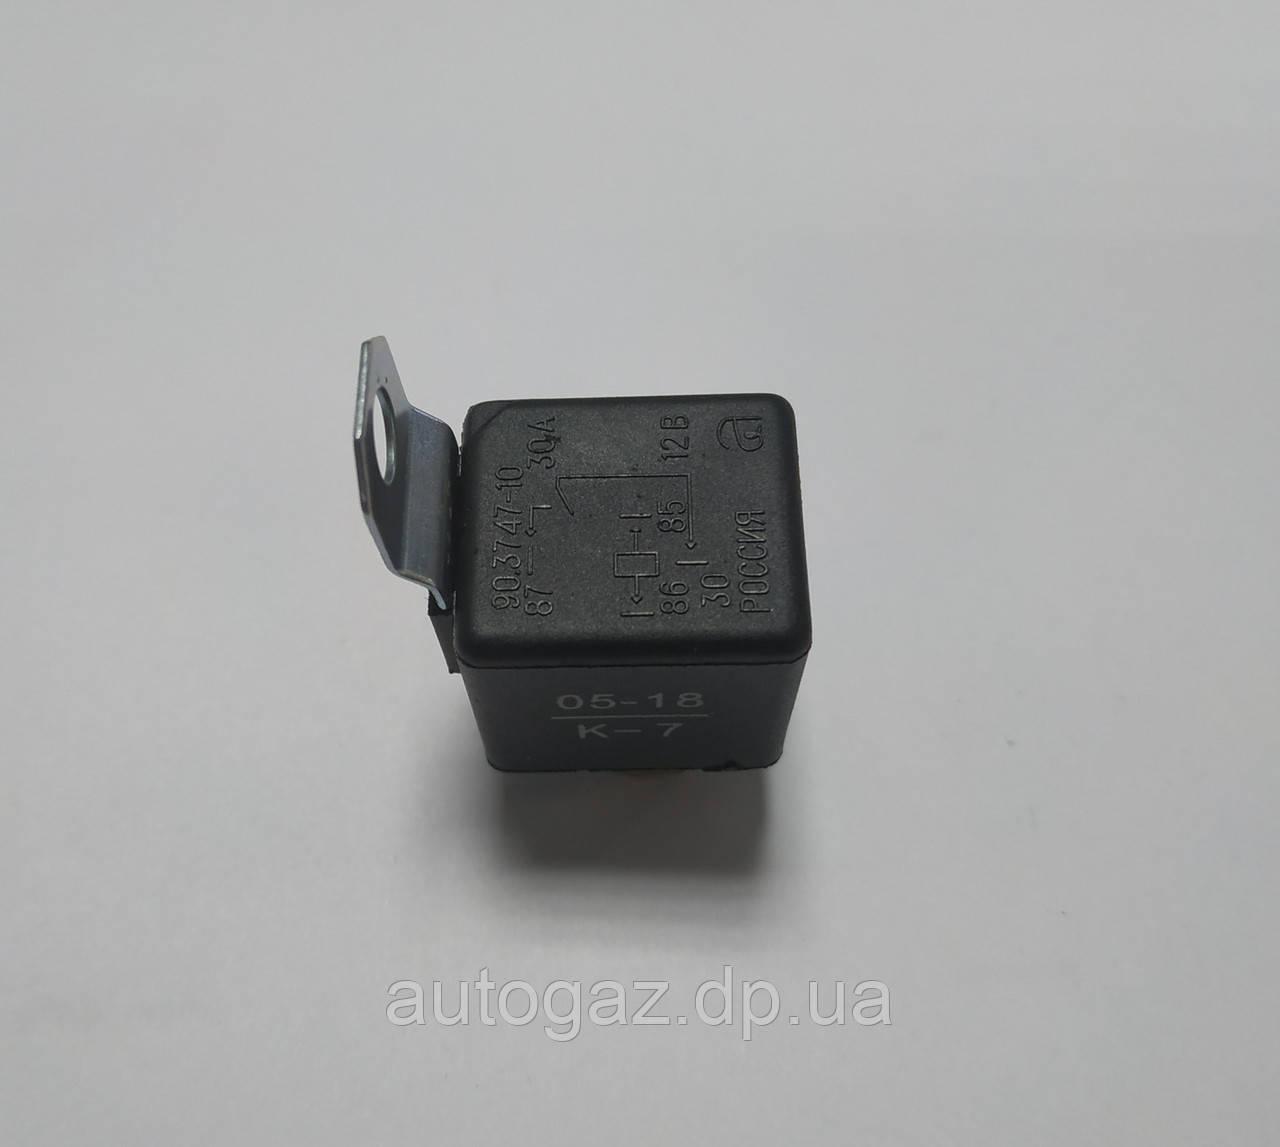 Реле 4-х контактна (АВАР) (шт)